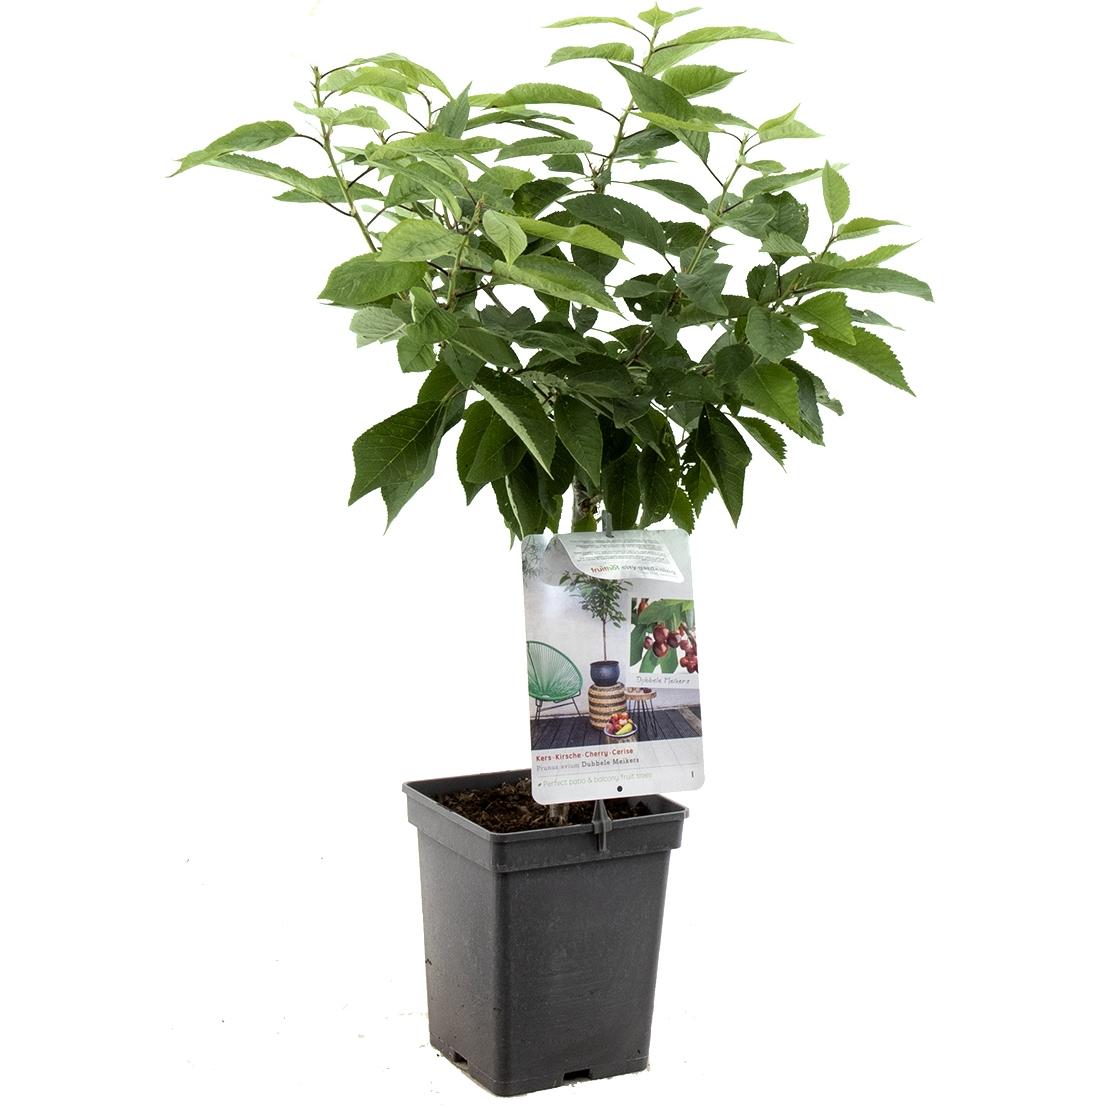 Patio kersenboom Prunus avium 'Dubbele meikers'